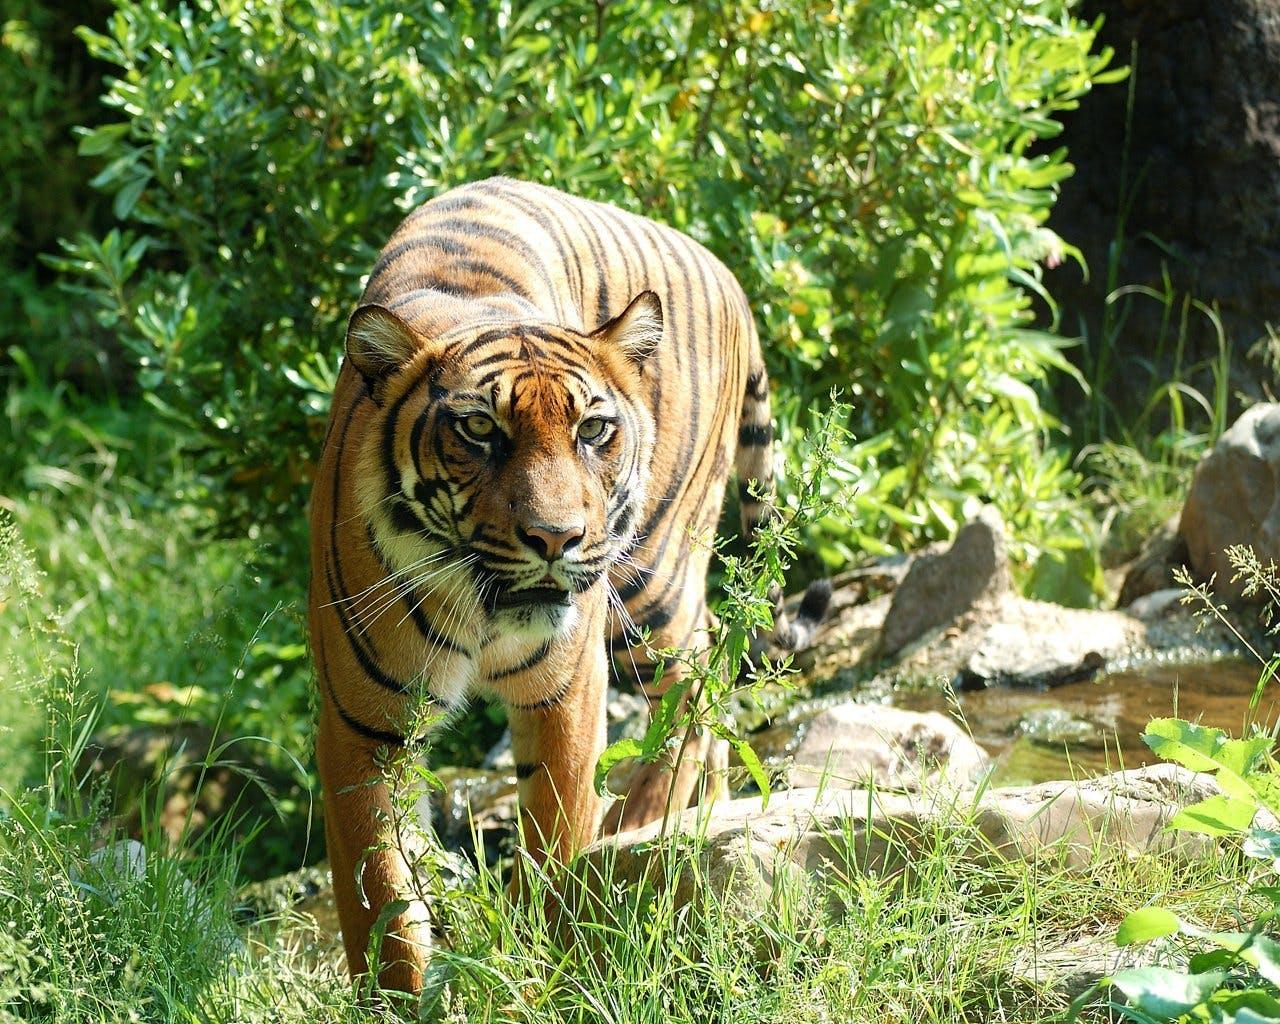 Δωρεάν στοκ φωτογραφιών με άγρια γάτα, άγρια φύση, ζώο, τίγρης της Σουμάτρας